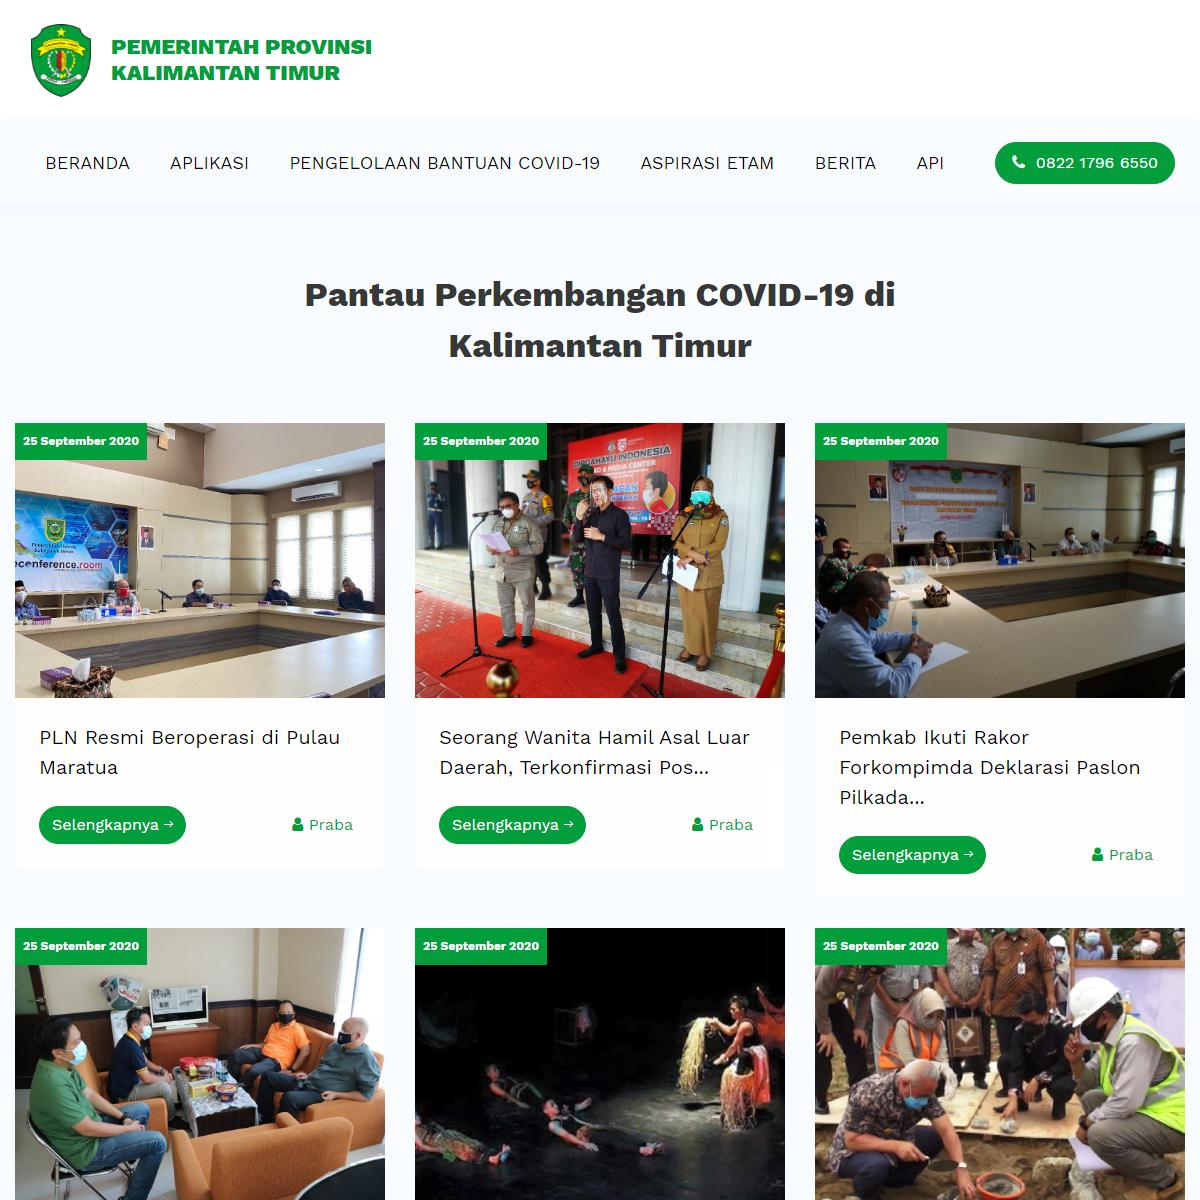 Berita — COVID-19 di Kalimantan Timur